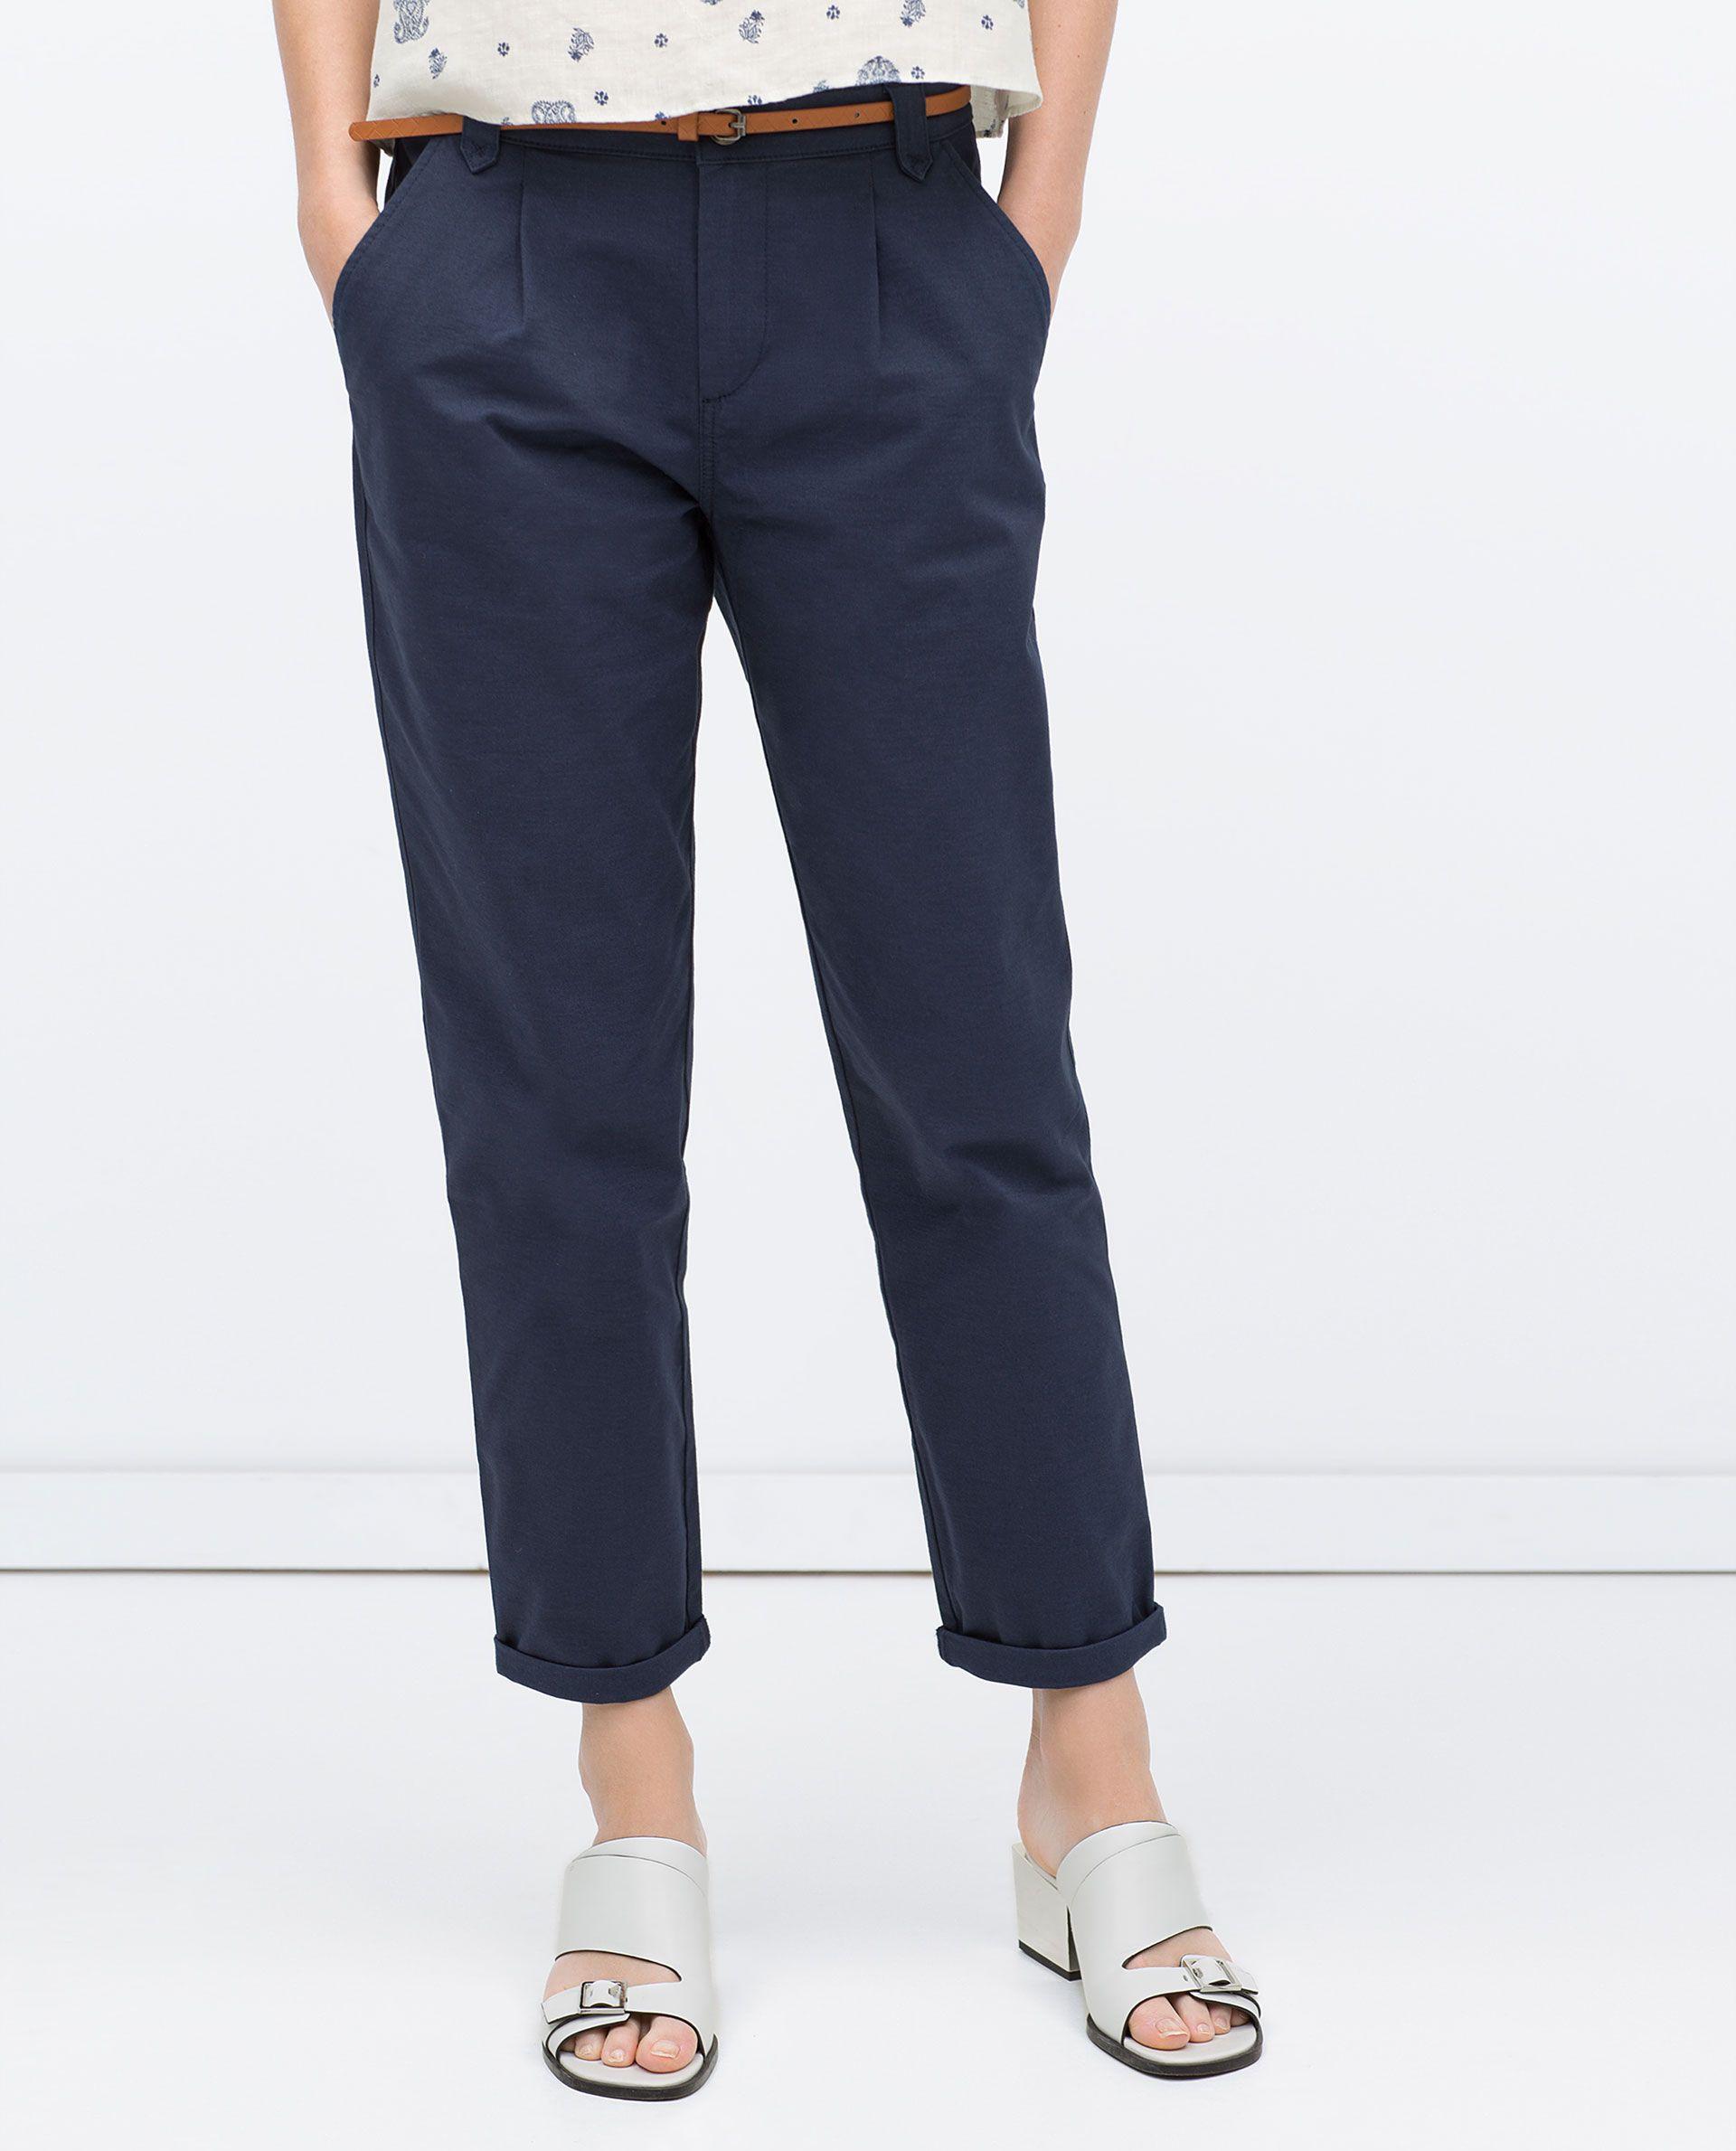 pantalon droit avec ceinture pinces pantalons femme. Black Bedroom Furniture Sets. Home Design Ideas